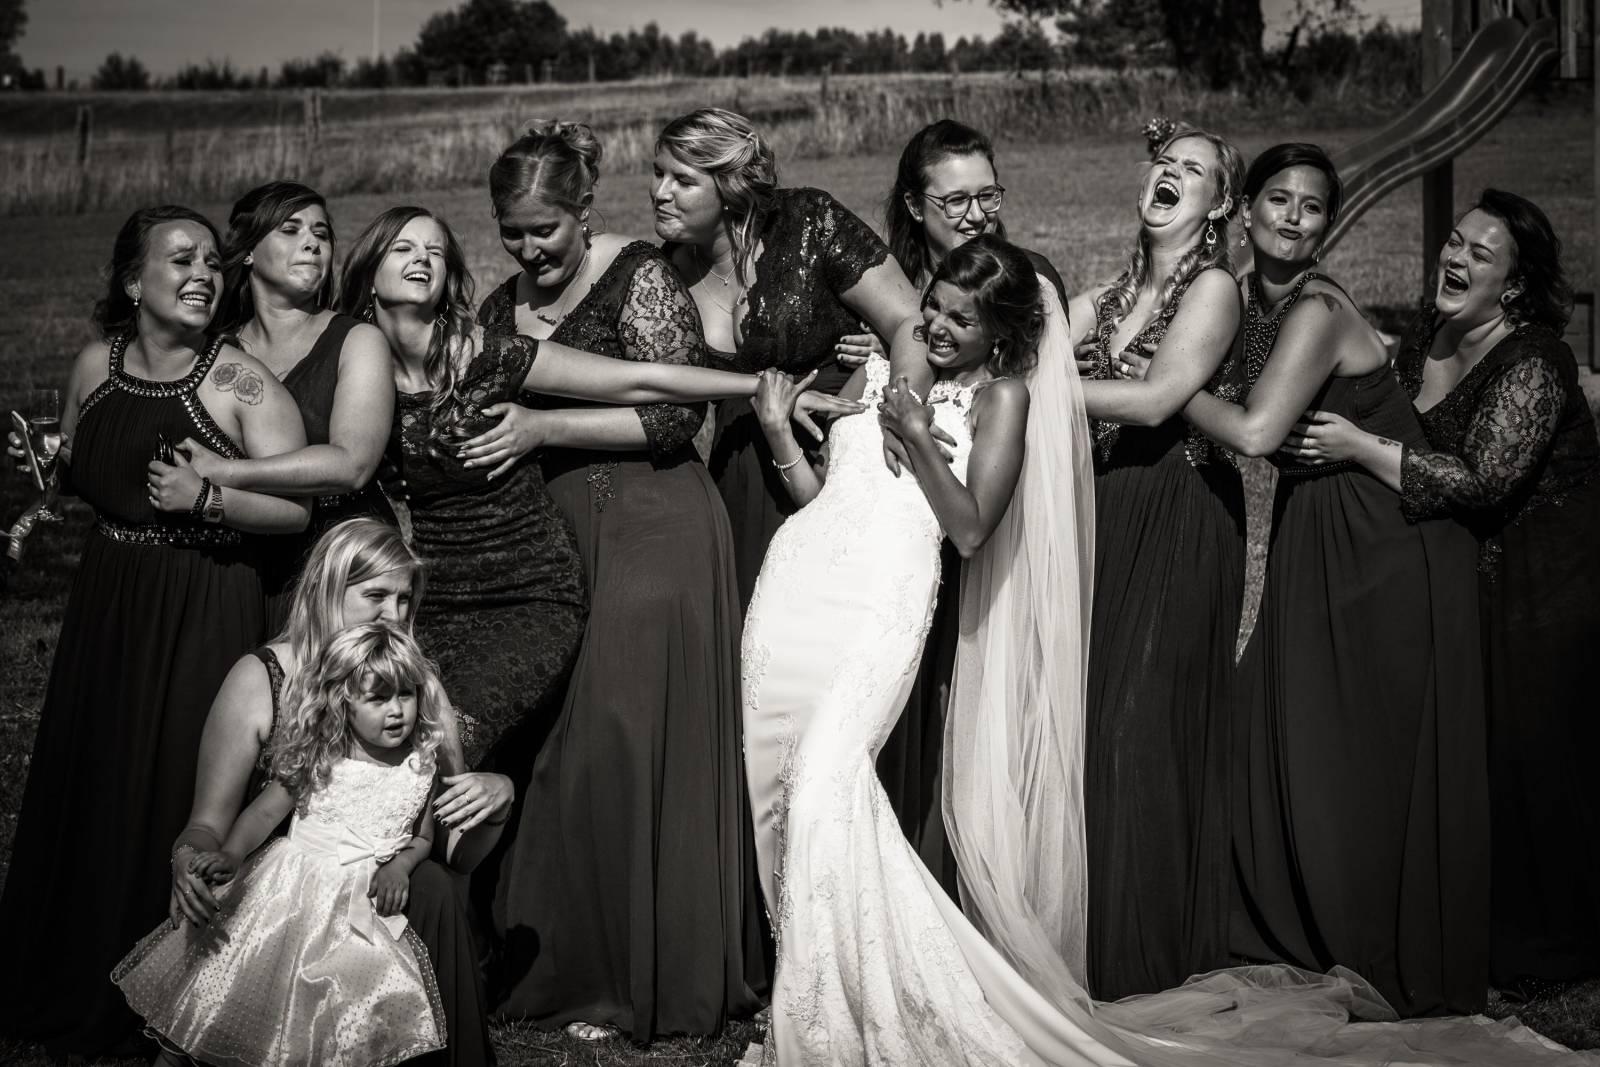 GPix Photography - House of Weddings - 18